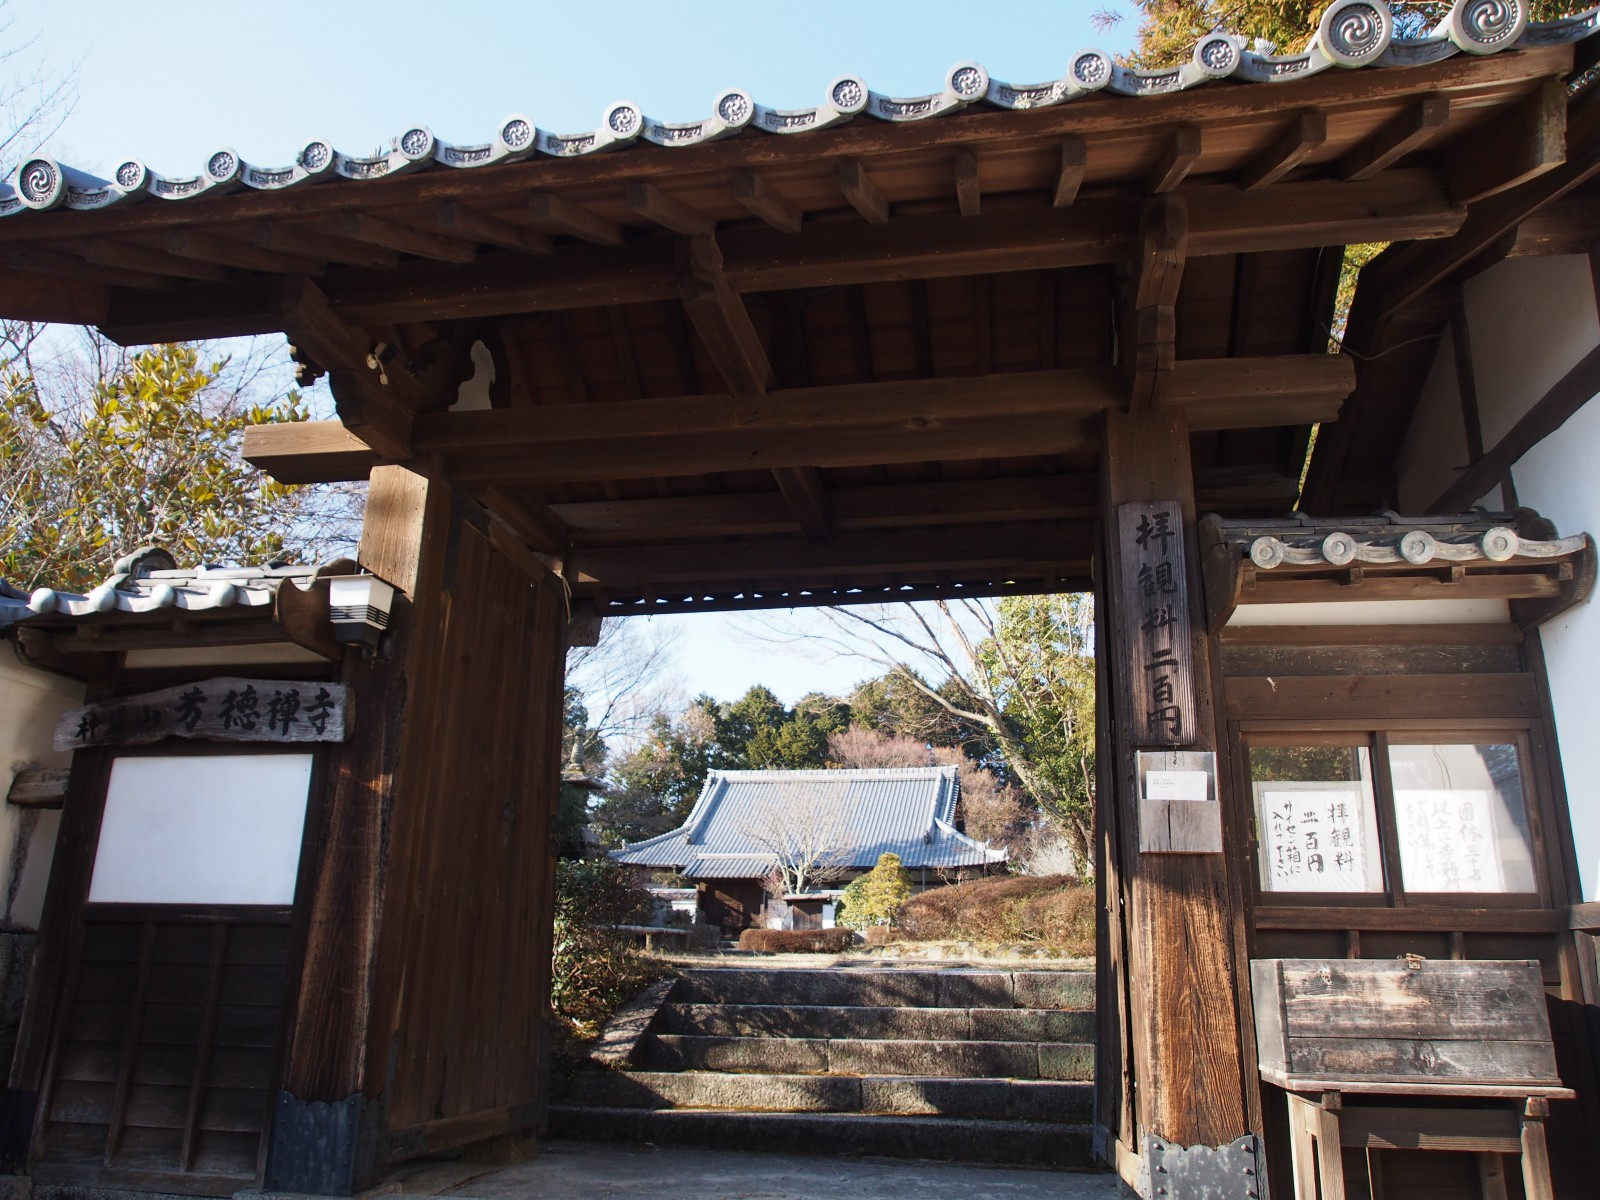 芳徳寺の山門